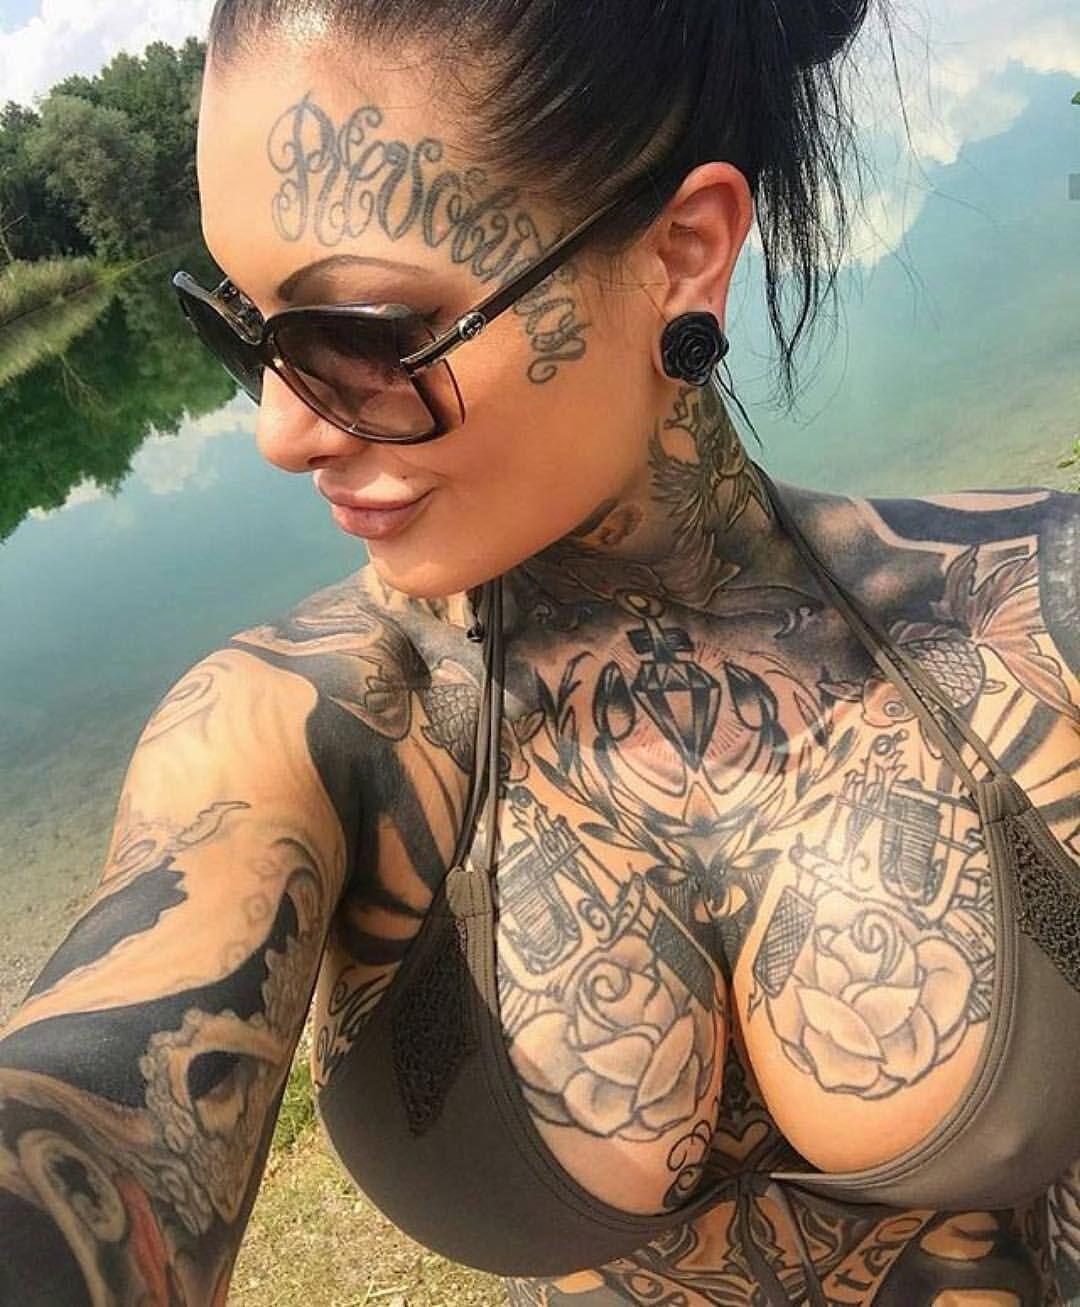 Sky tattoo boobs